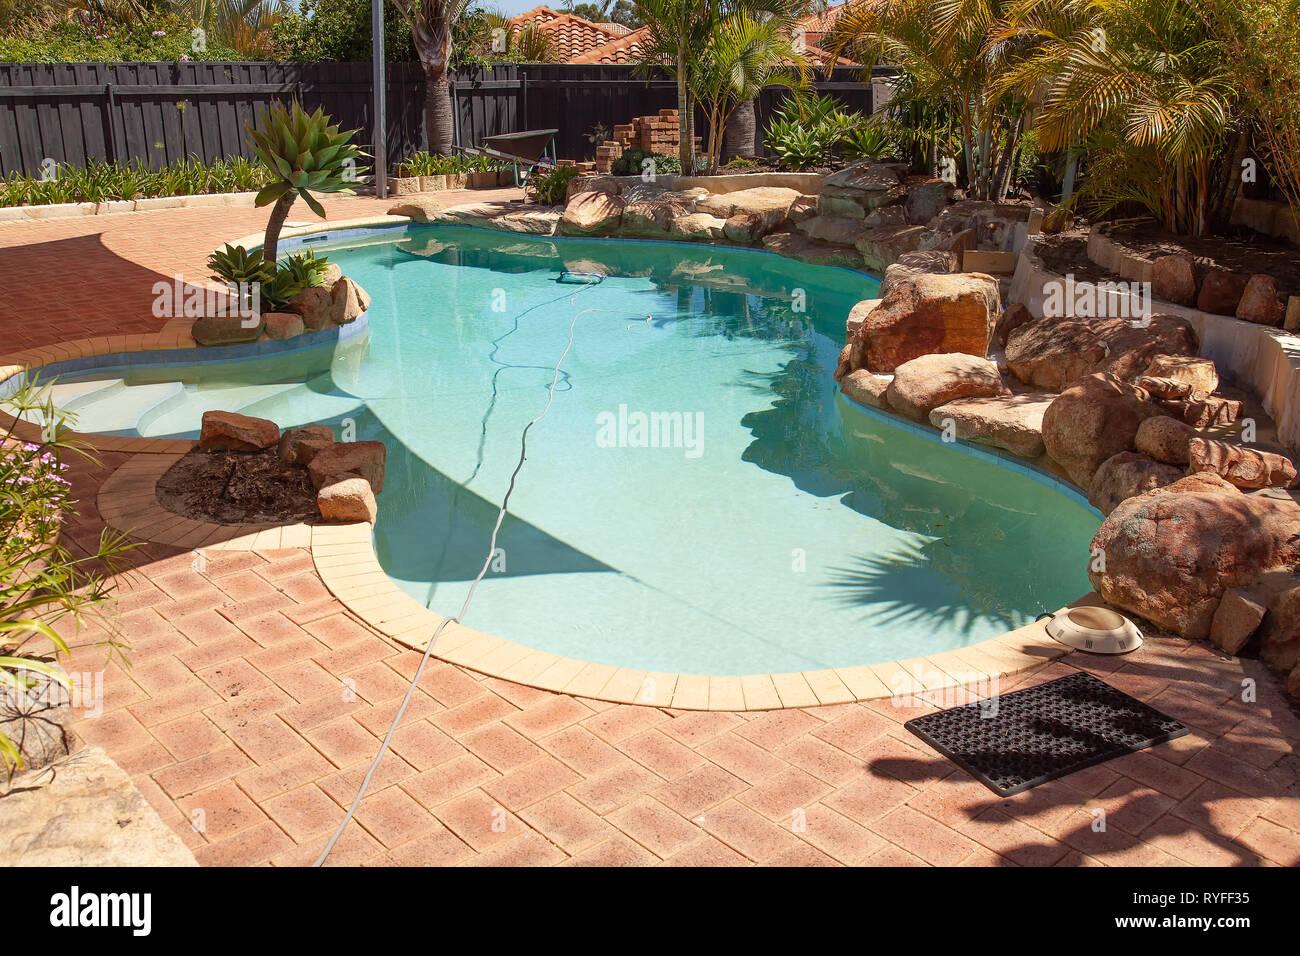 Pool Rock Garden im Bau Stockfoto, Bild: 240671625 - Alamy